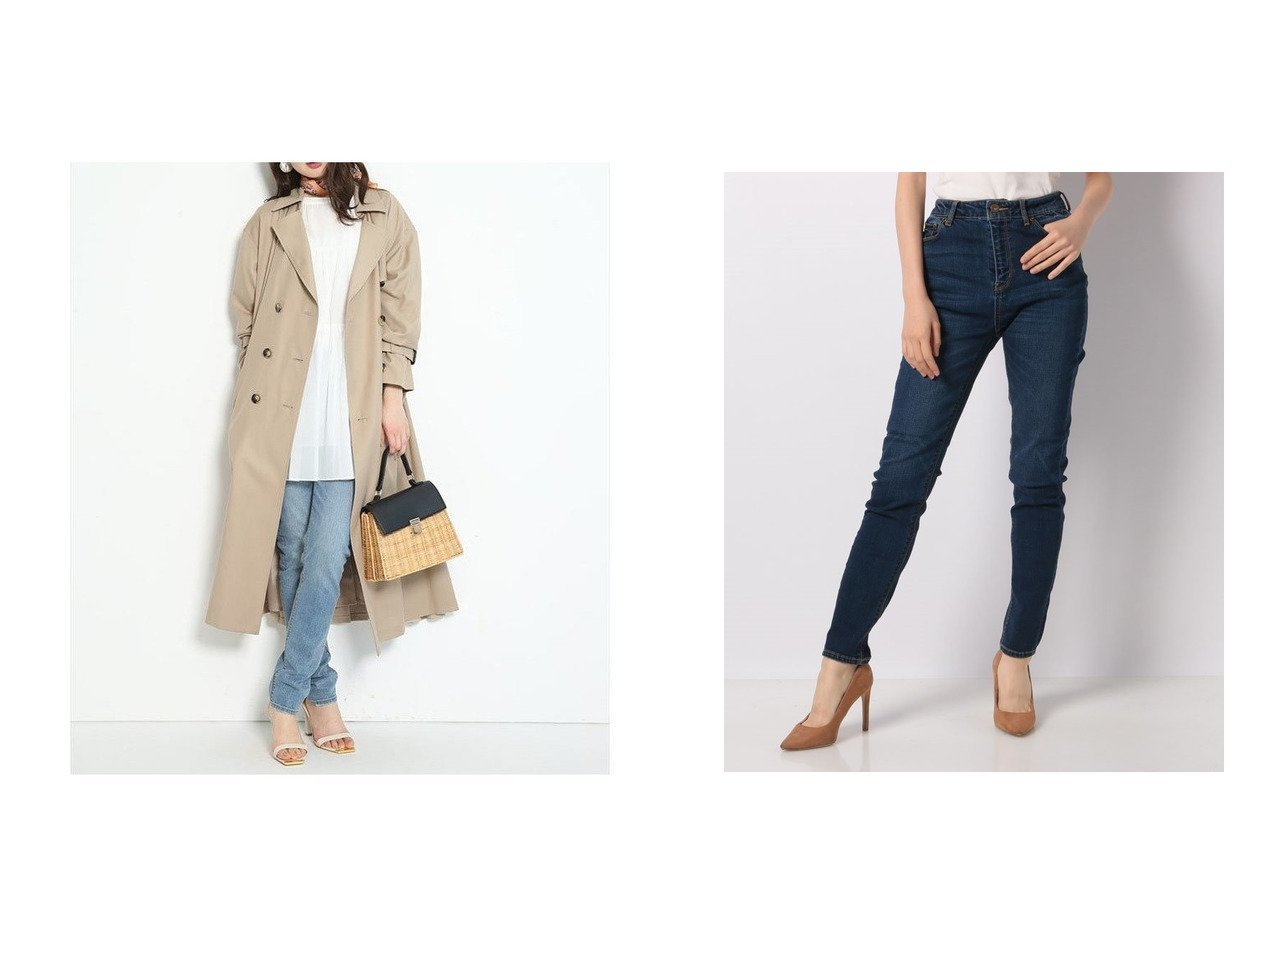 【Mystrada/マイストラーダ】のスキニーデニム パンツのおすすめ!人気、トレンド・レディースファッションの通販  おすすめで人気の流行・トレンド、ファッションの通販商品 メンズファッション・キッズファッション・インテリア・家具・レディースファッション・服の通販 founy(ファニー) https://founy.com/ ファッション Fashion レディースファッション WOMEN パンツ Pants デニムパンツ Denim Pants スキニーデニム デニム リアル  ID:crp329100000015591